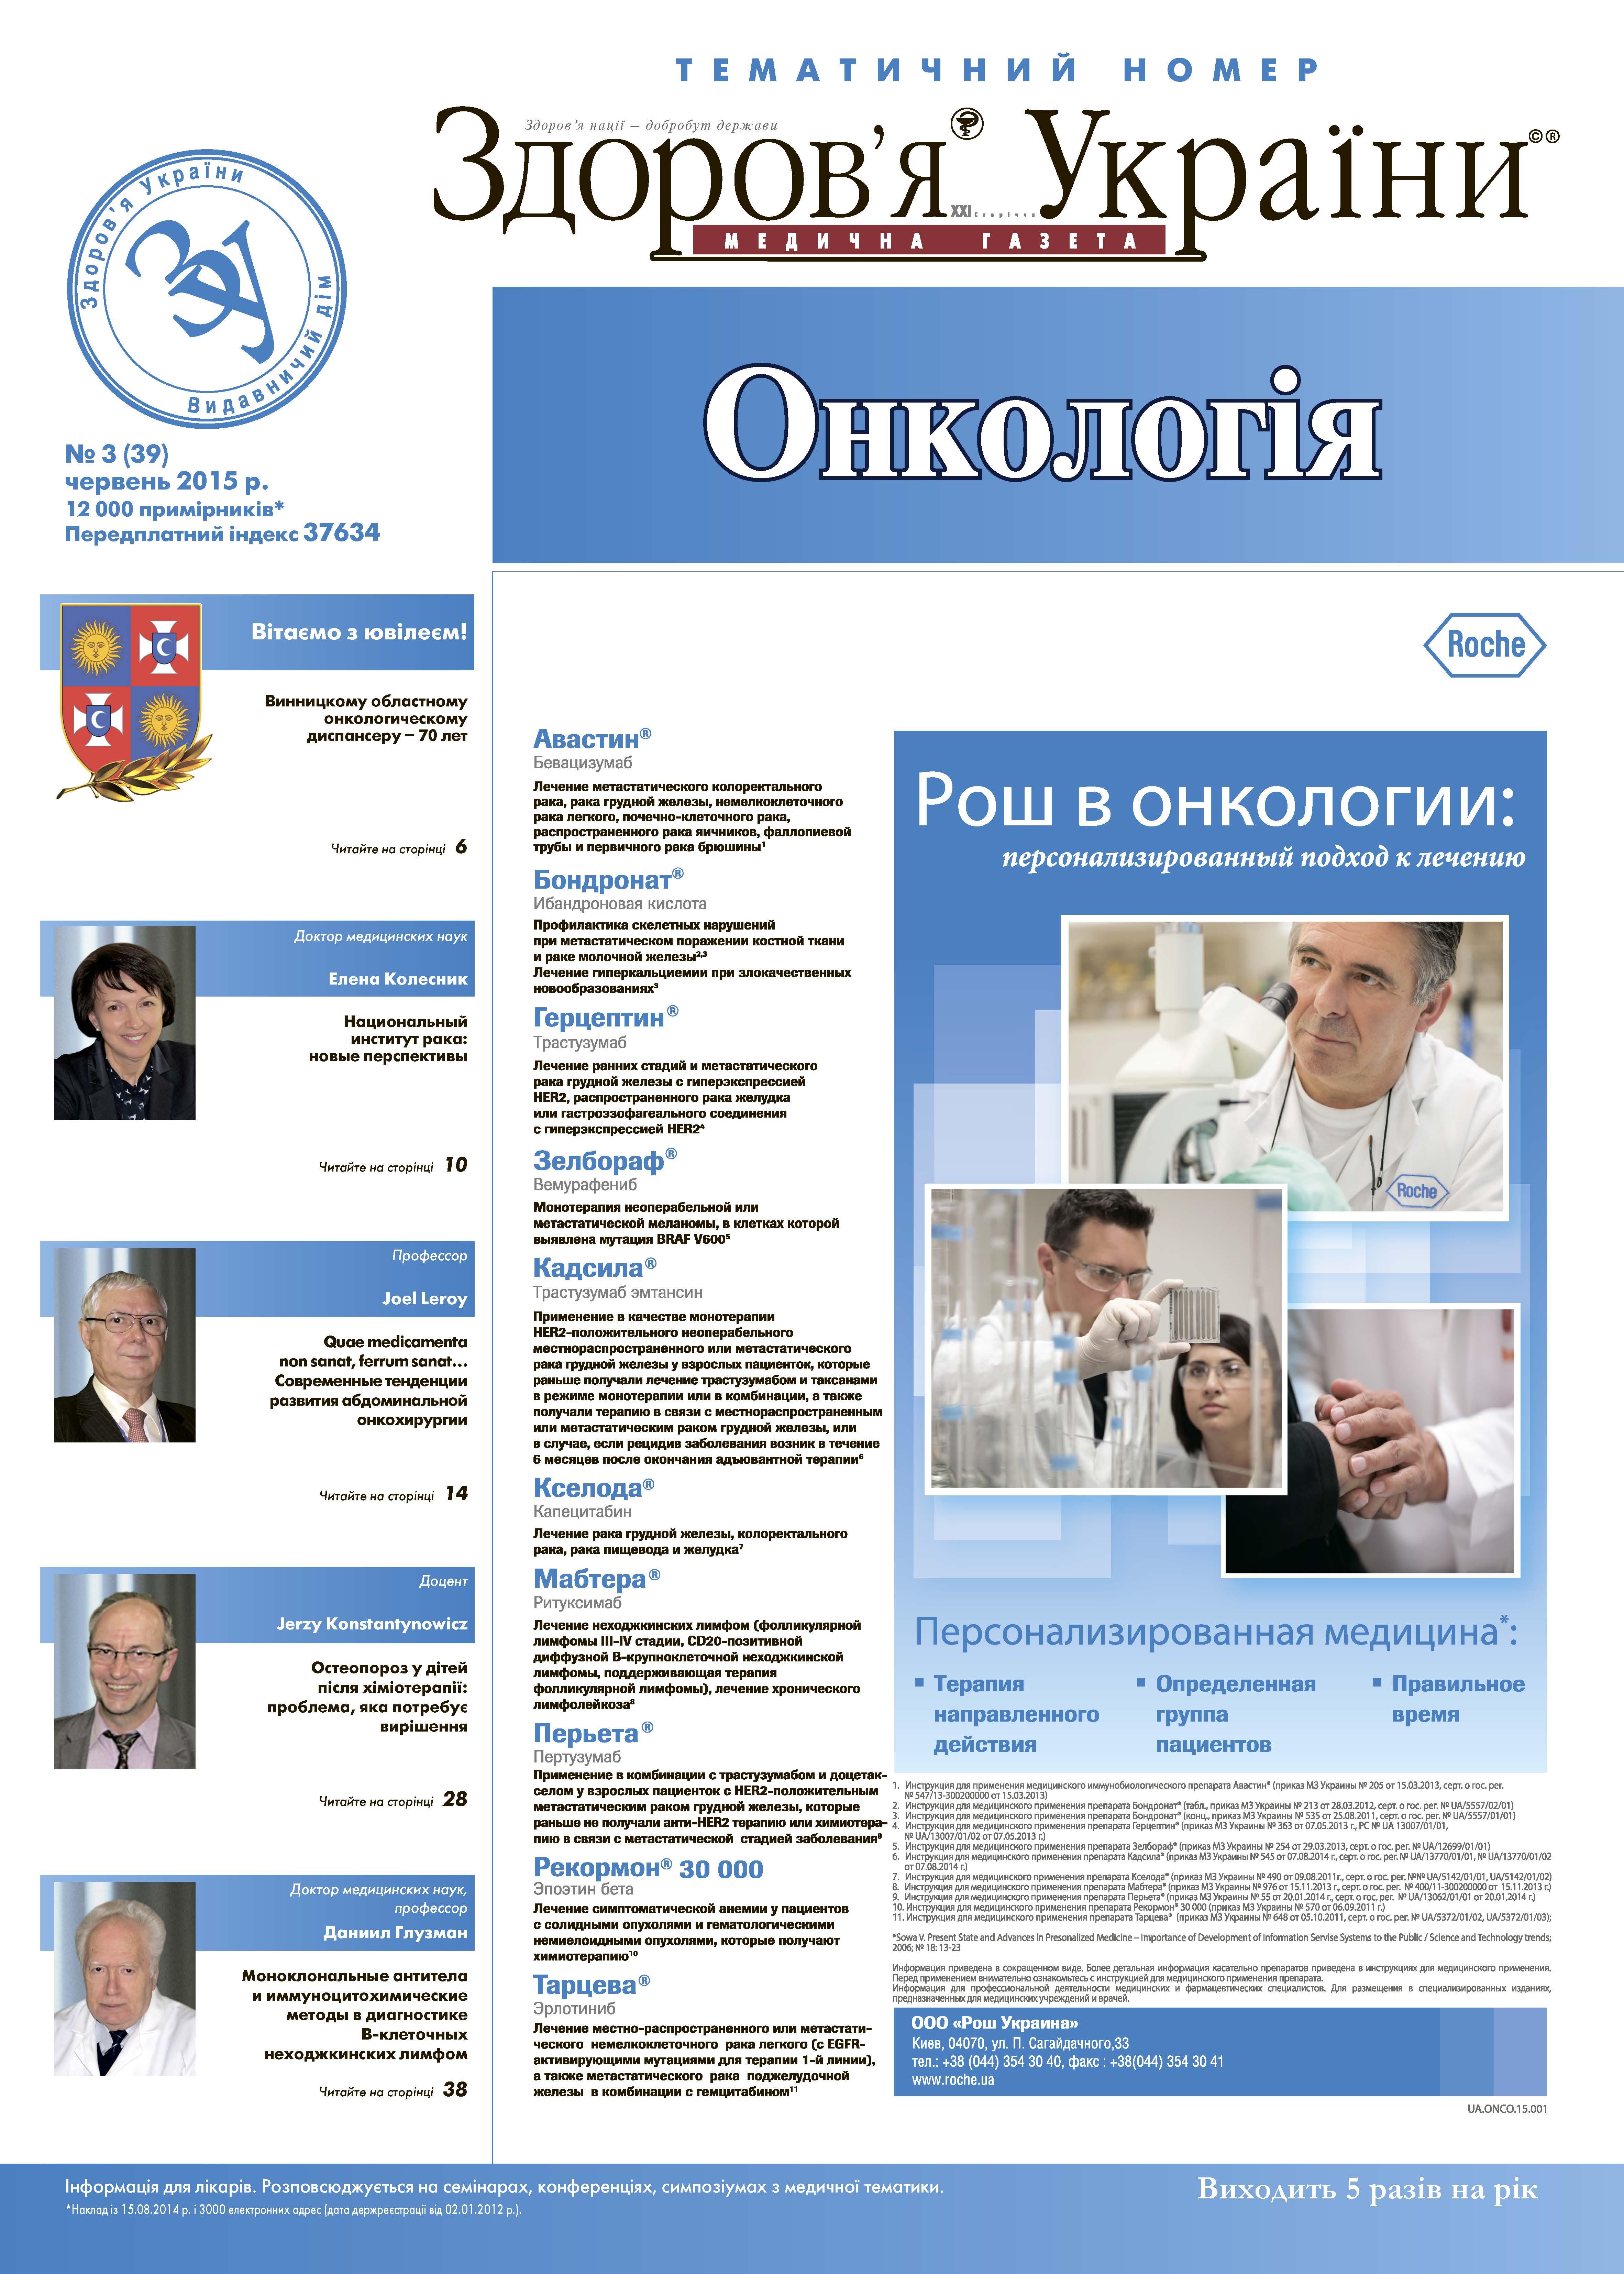 Тематичний номер «Онкологія» № 3 (39) червень 2015 р.